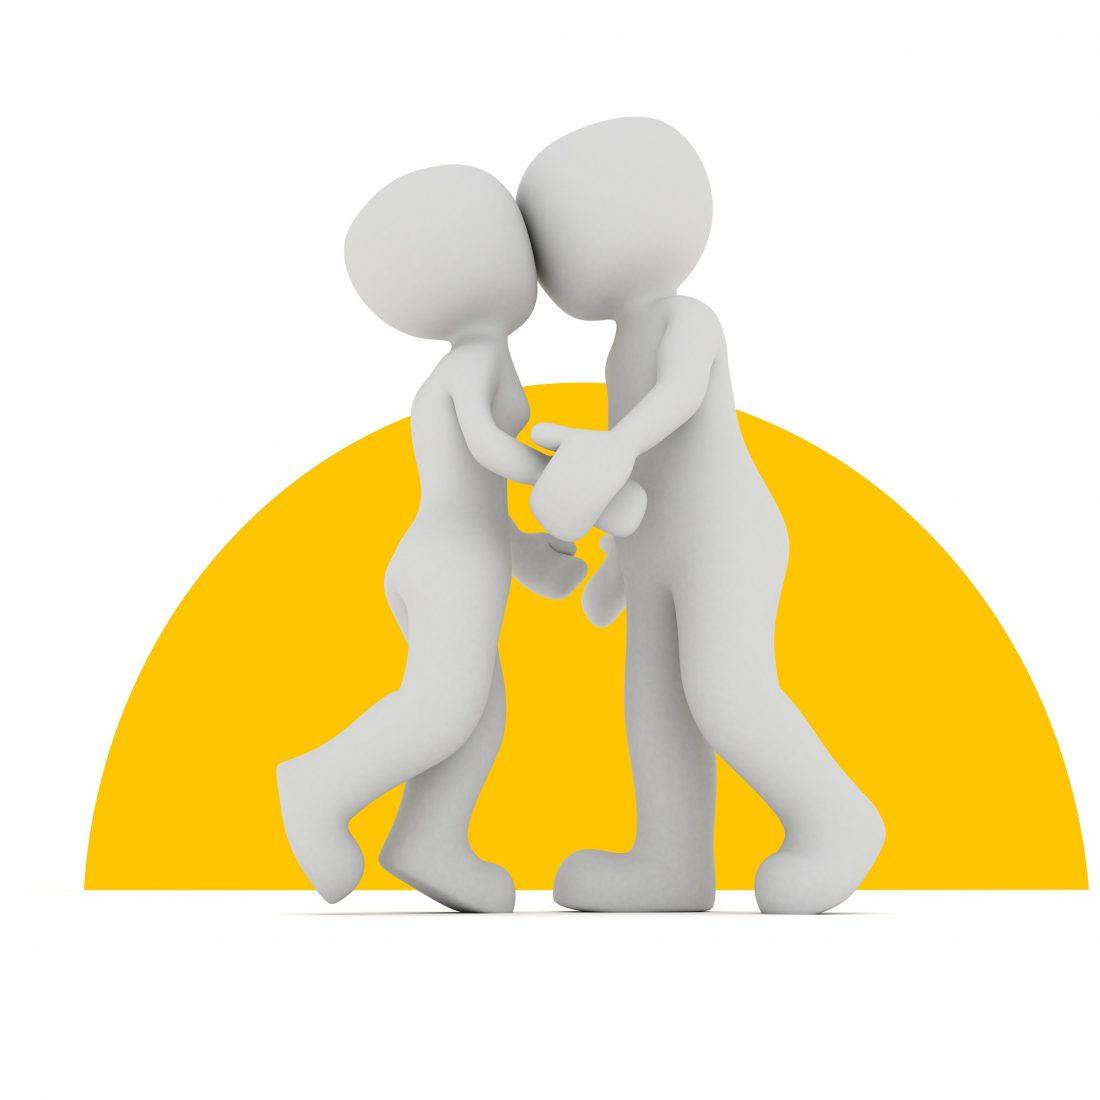 Kein Kunde hat das Recht, Verkäuferinnen oder Verkäufern unerlaubt zu nahe zu treten. Foto: Pixabay